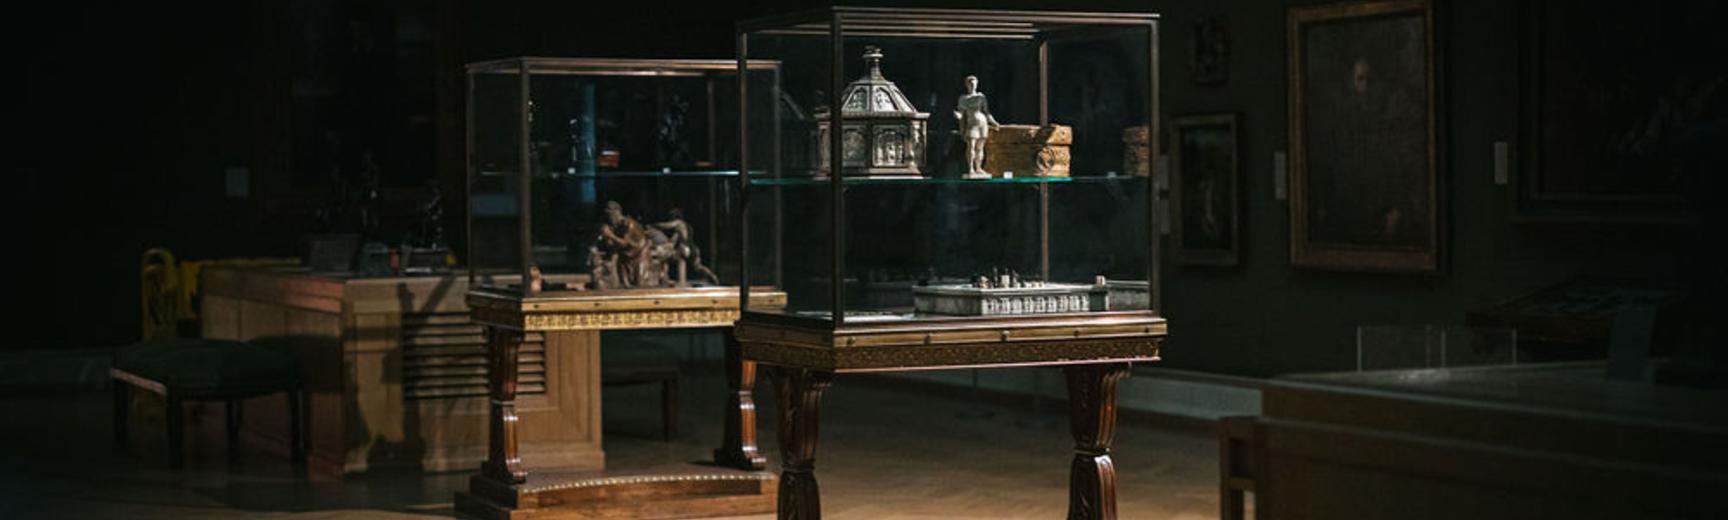 Ashmolean galleries in the dark